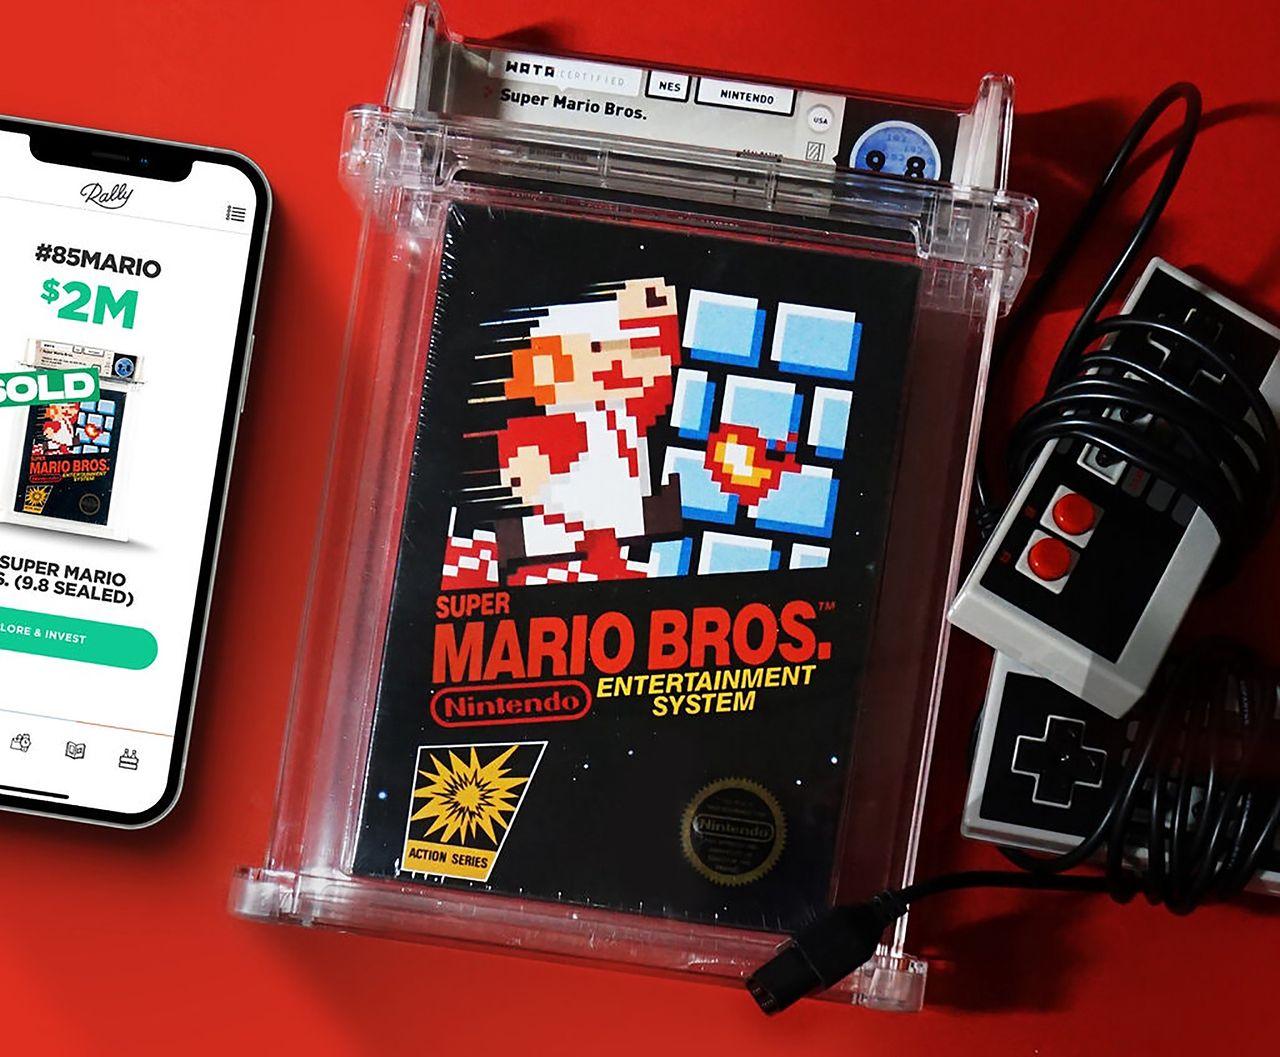 Skarb z przeszłości: Super Mario Bros. w cenie wypasionej willi. Coś pięknego - Zapakowany egzemplarz Super Mario Bros. z 1985 r. poszedł za 2 miliony dolarów.